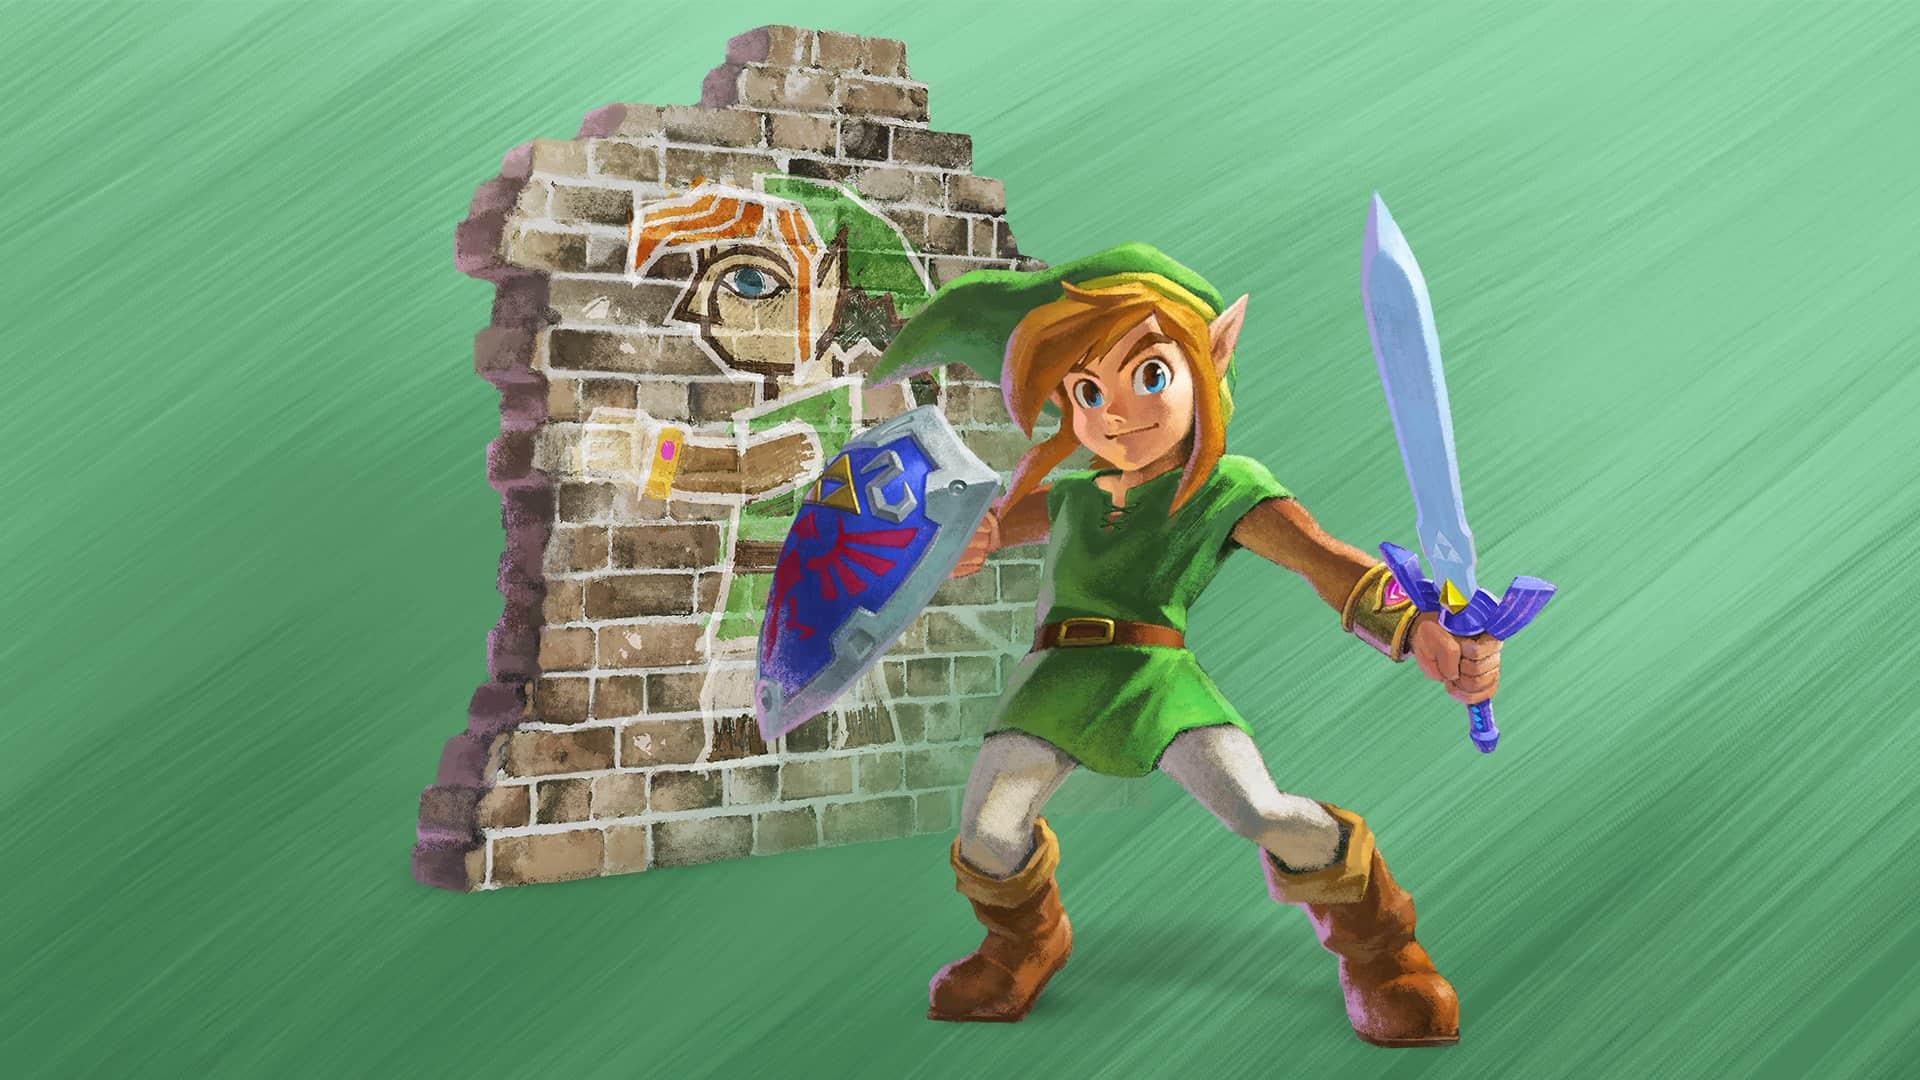 Zelda 2D